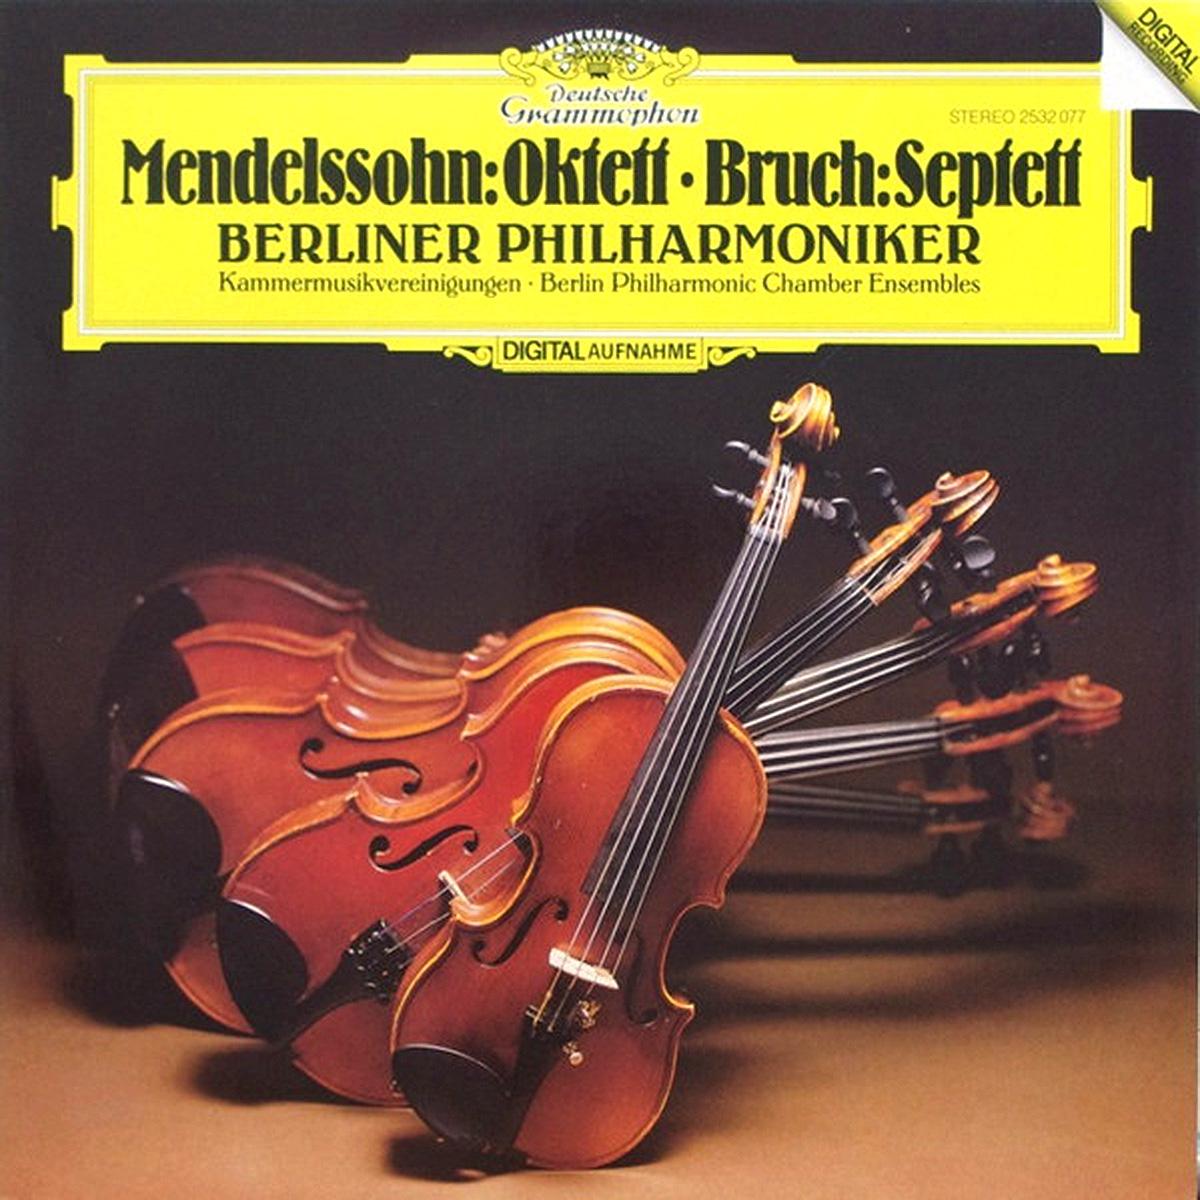 DGG 2532077 Mendelssohn Bruch Septett Oktett